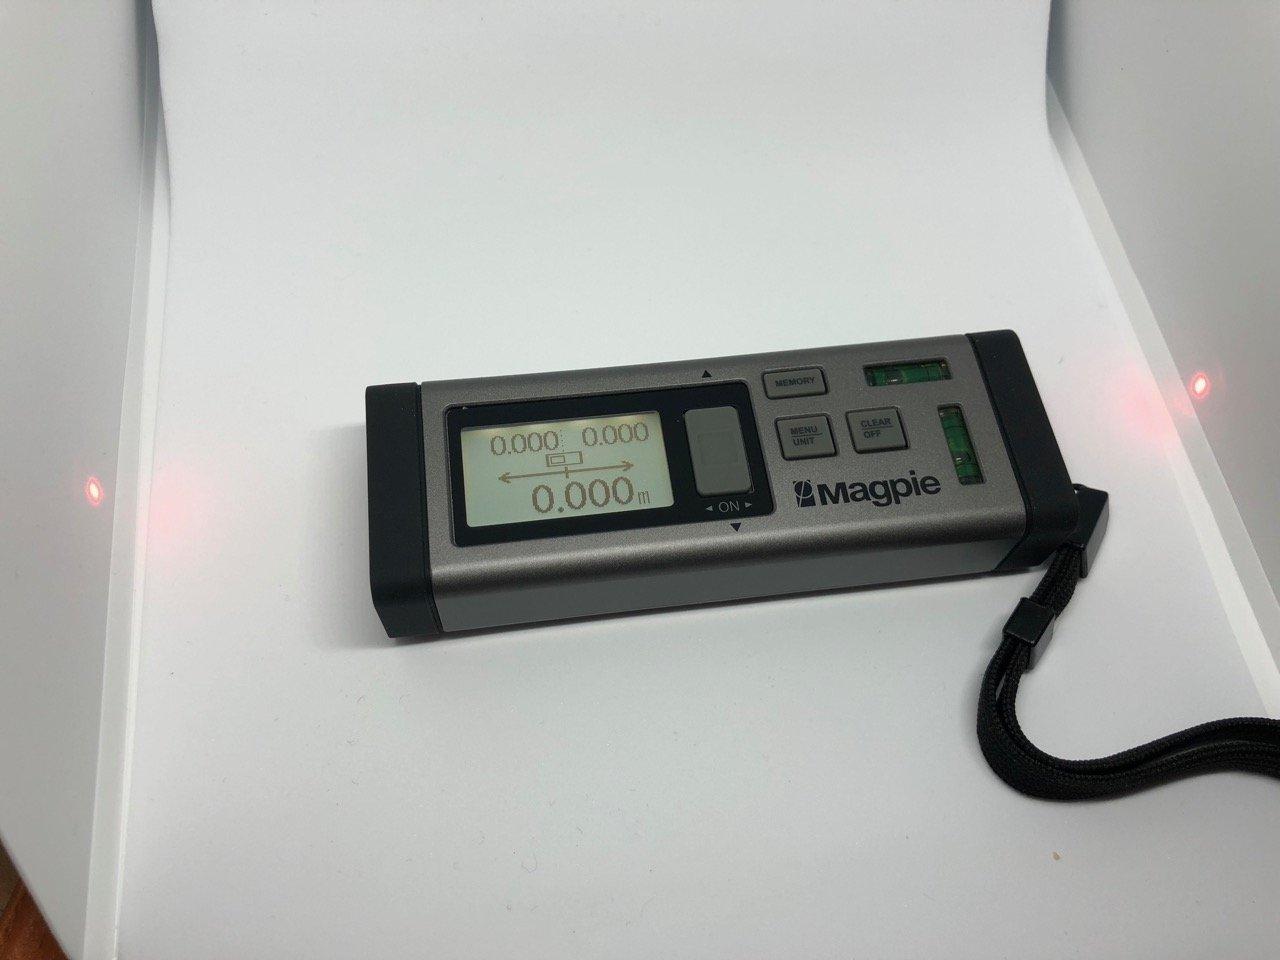 Kaleas Profi Laser Entfernungsmesser Ldm 500 60 Preis : Magpie vh 80 der erste beidseitige laser entfernungsmesser